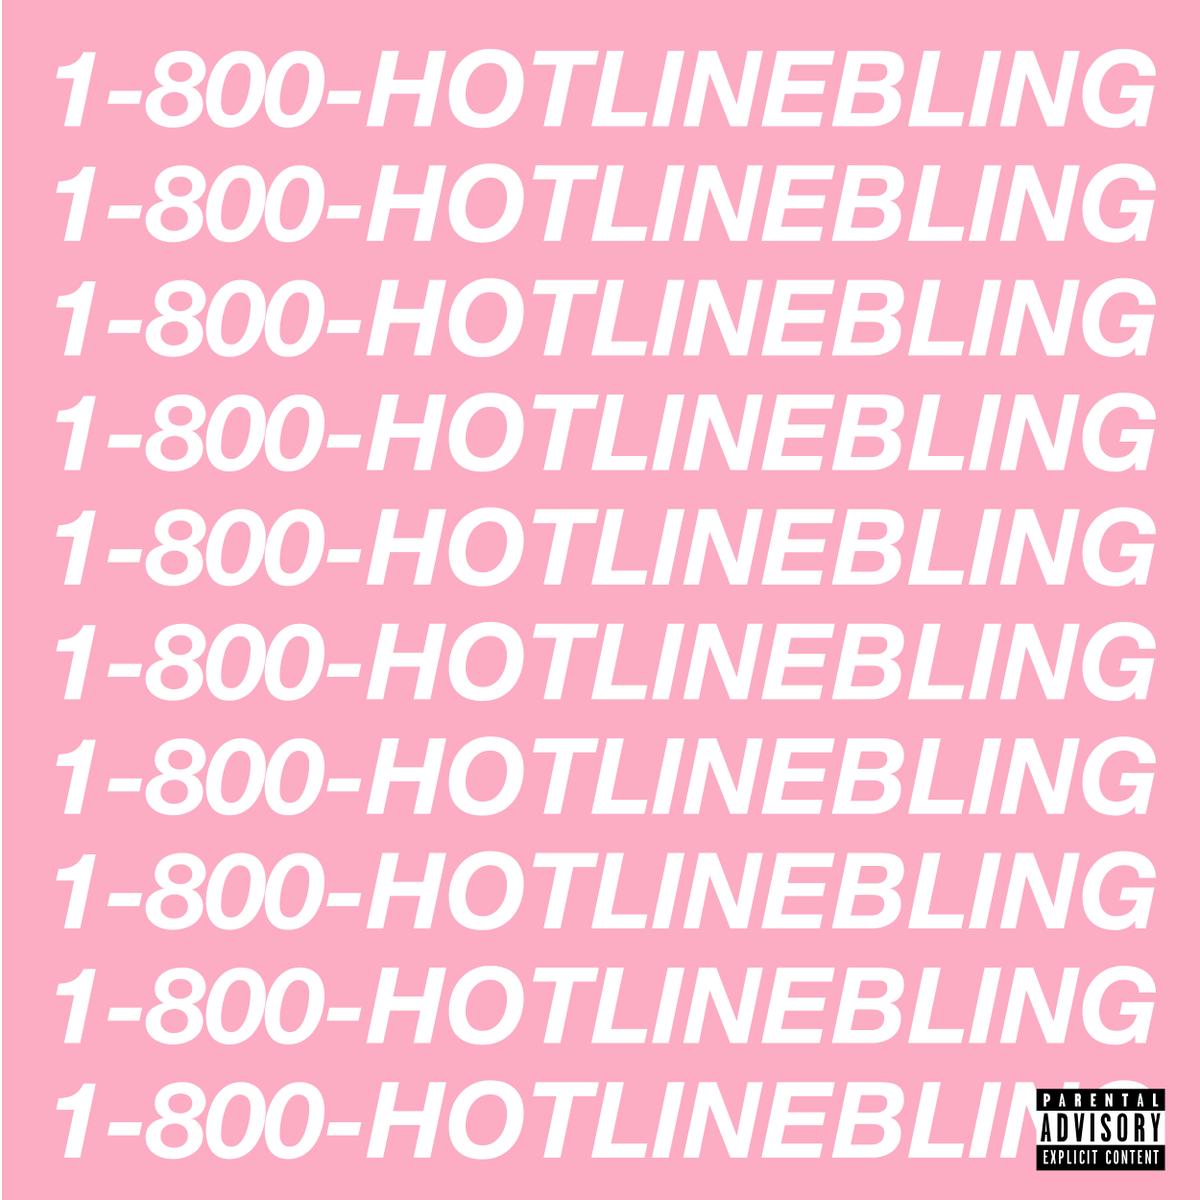 Drake ~ Hotline Bling now available on iTunes. https://t.co/zmGm4dNE5j http://t.co/JDFLs8vUxD